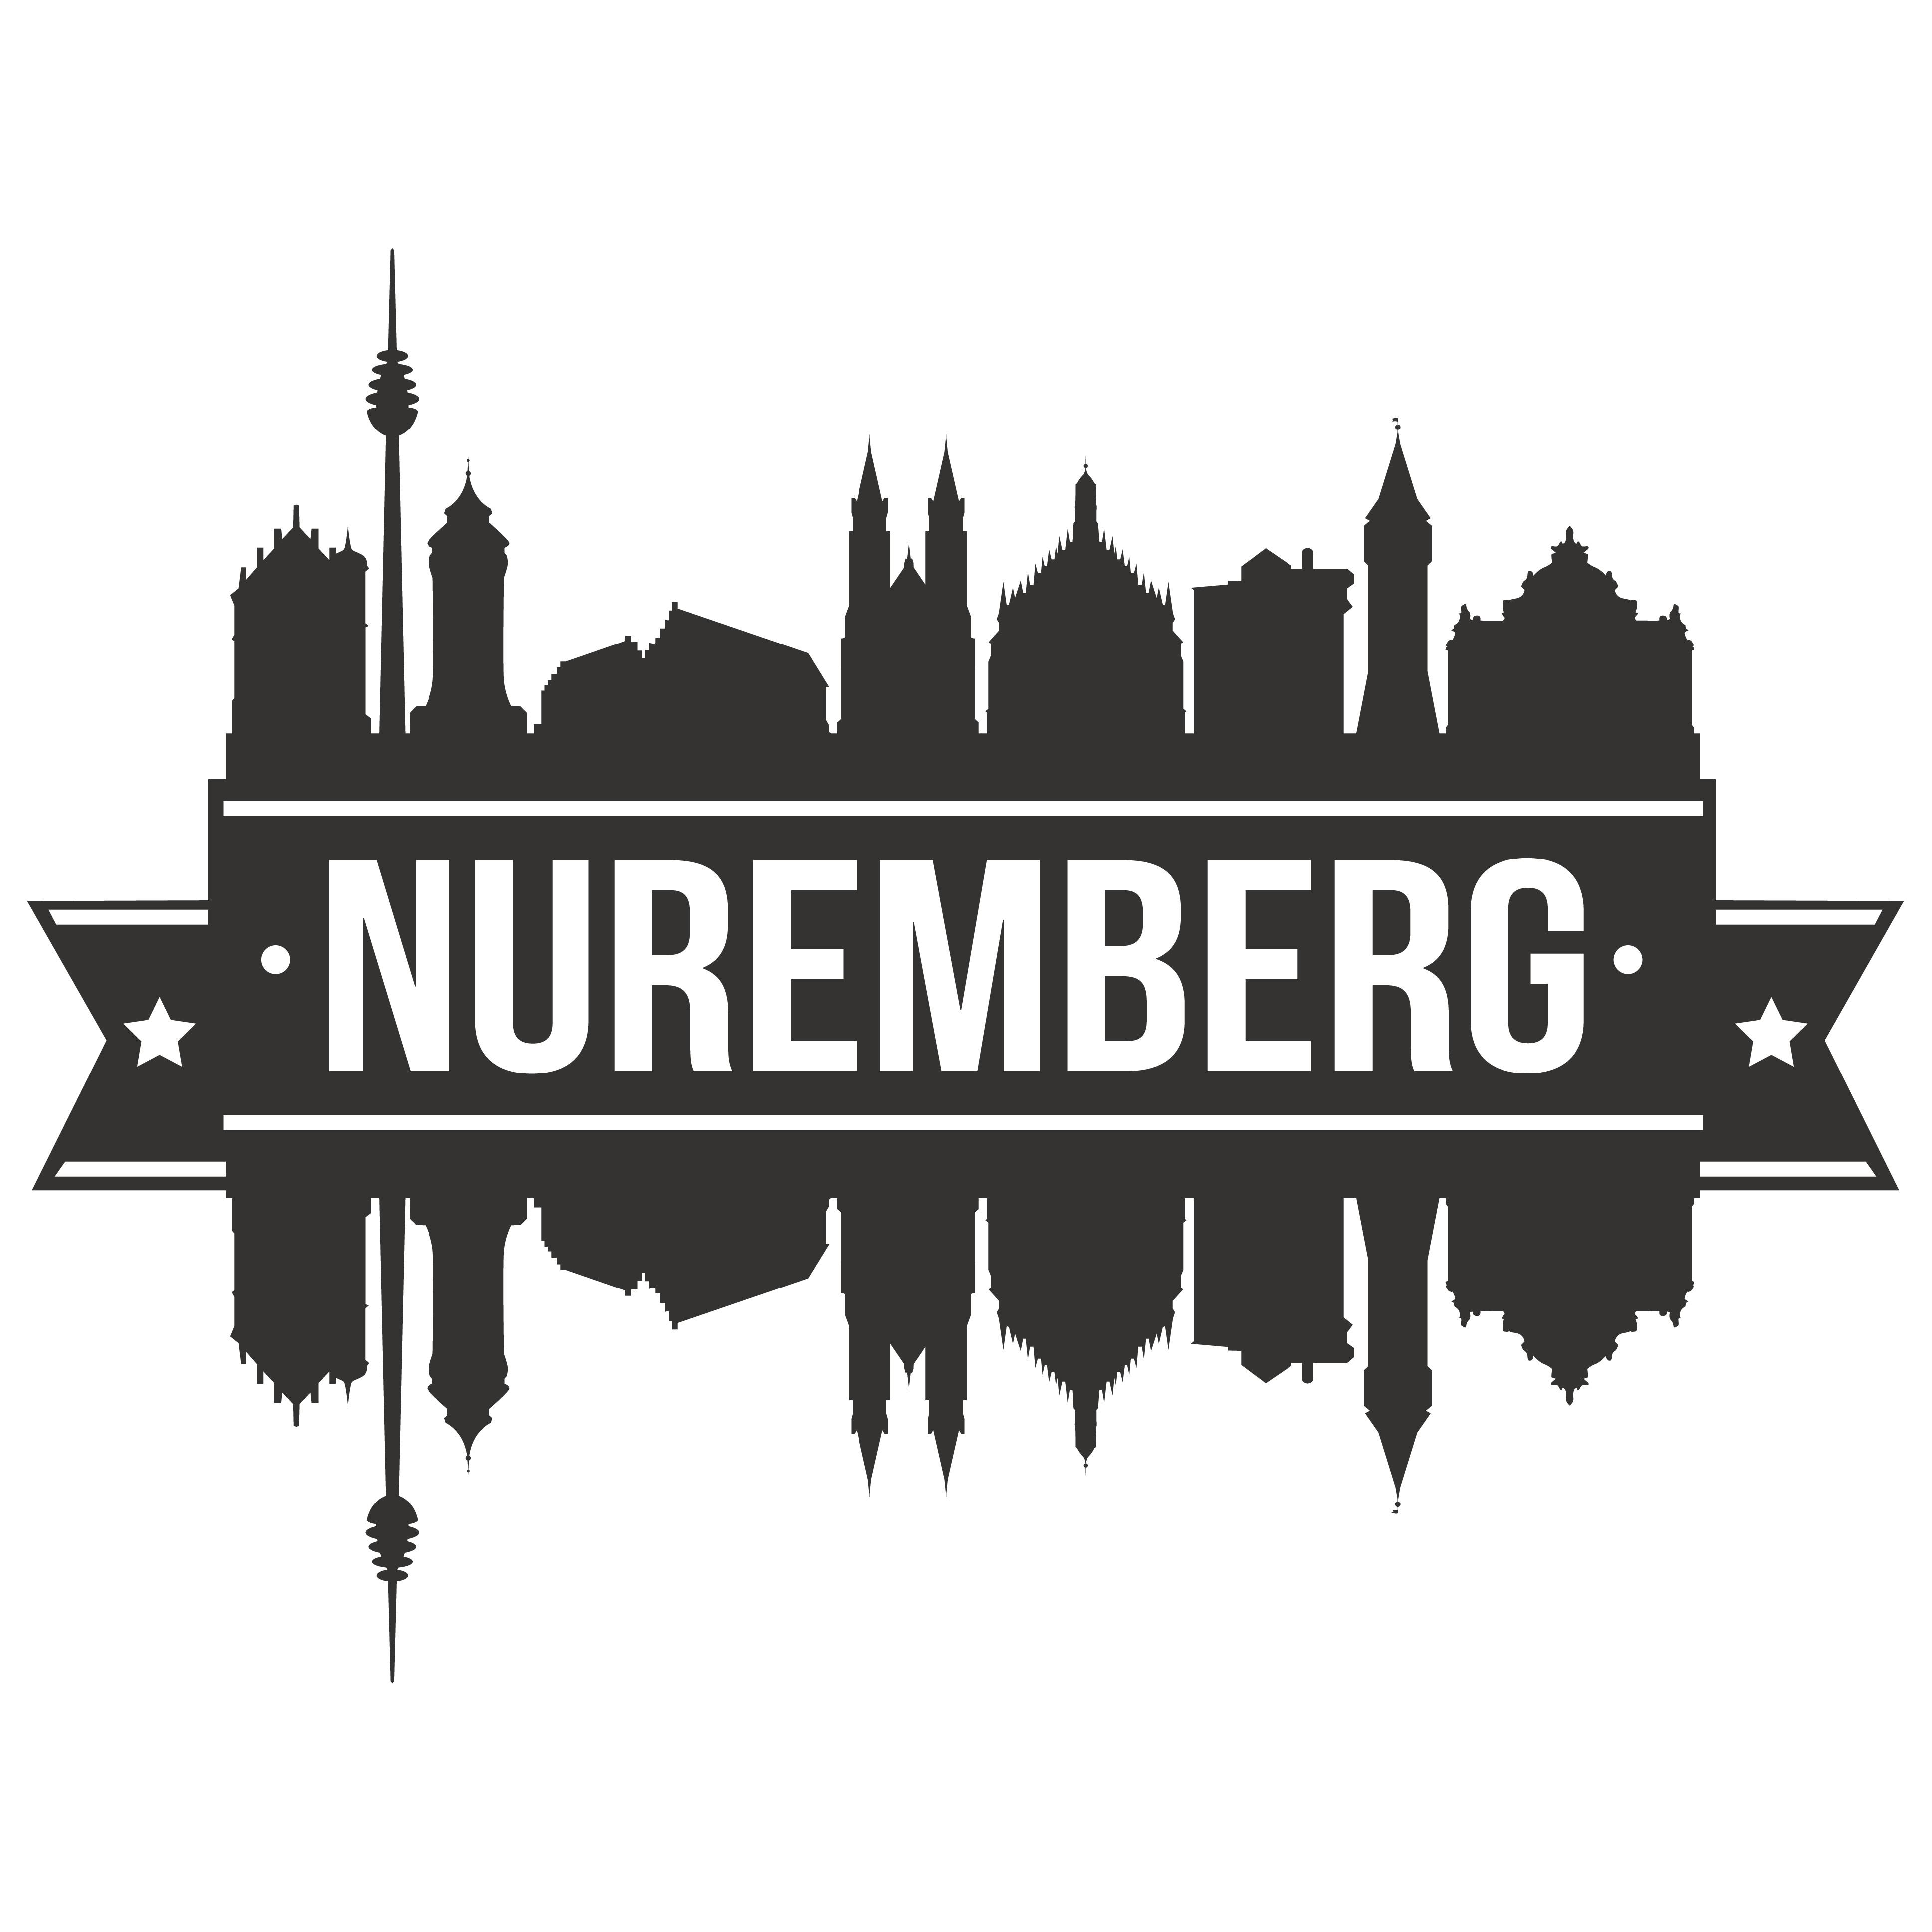 Nürnberg Schriftzug und Schattenumrisse der Sehenswürdigkeiten